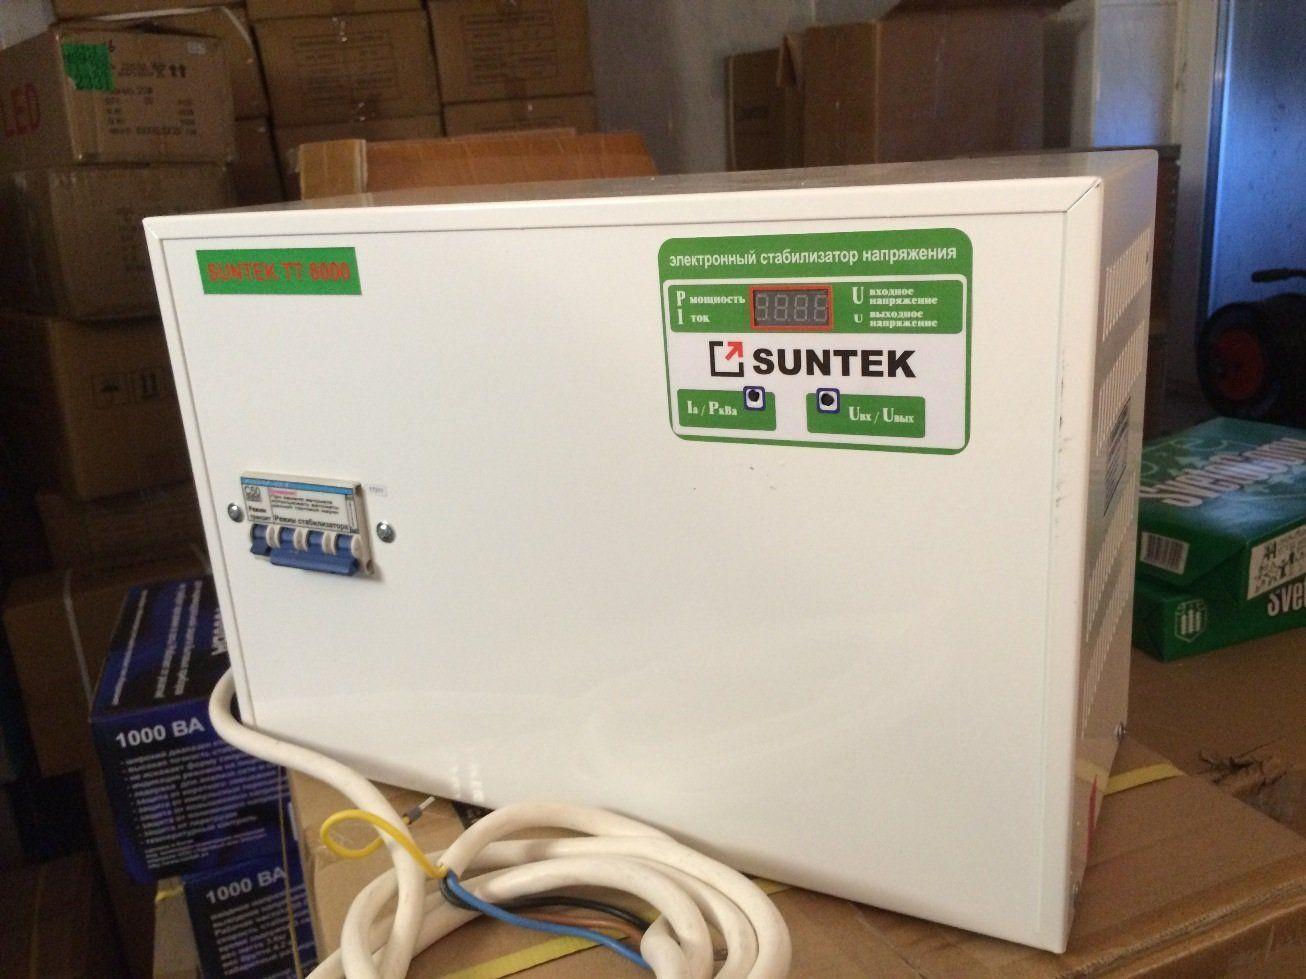 Стабилизатор напряжения тиристорный (симисторный) SUNTEK ТТ 8000 ВА 130-270 Вольт